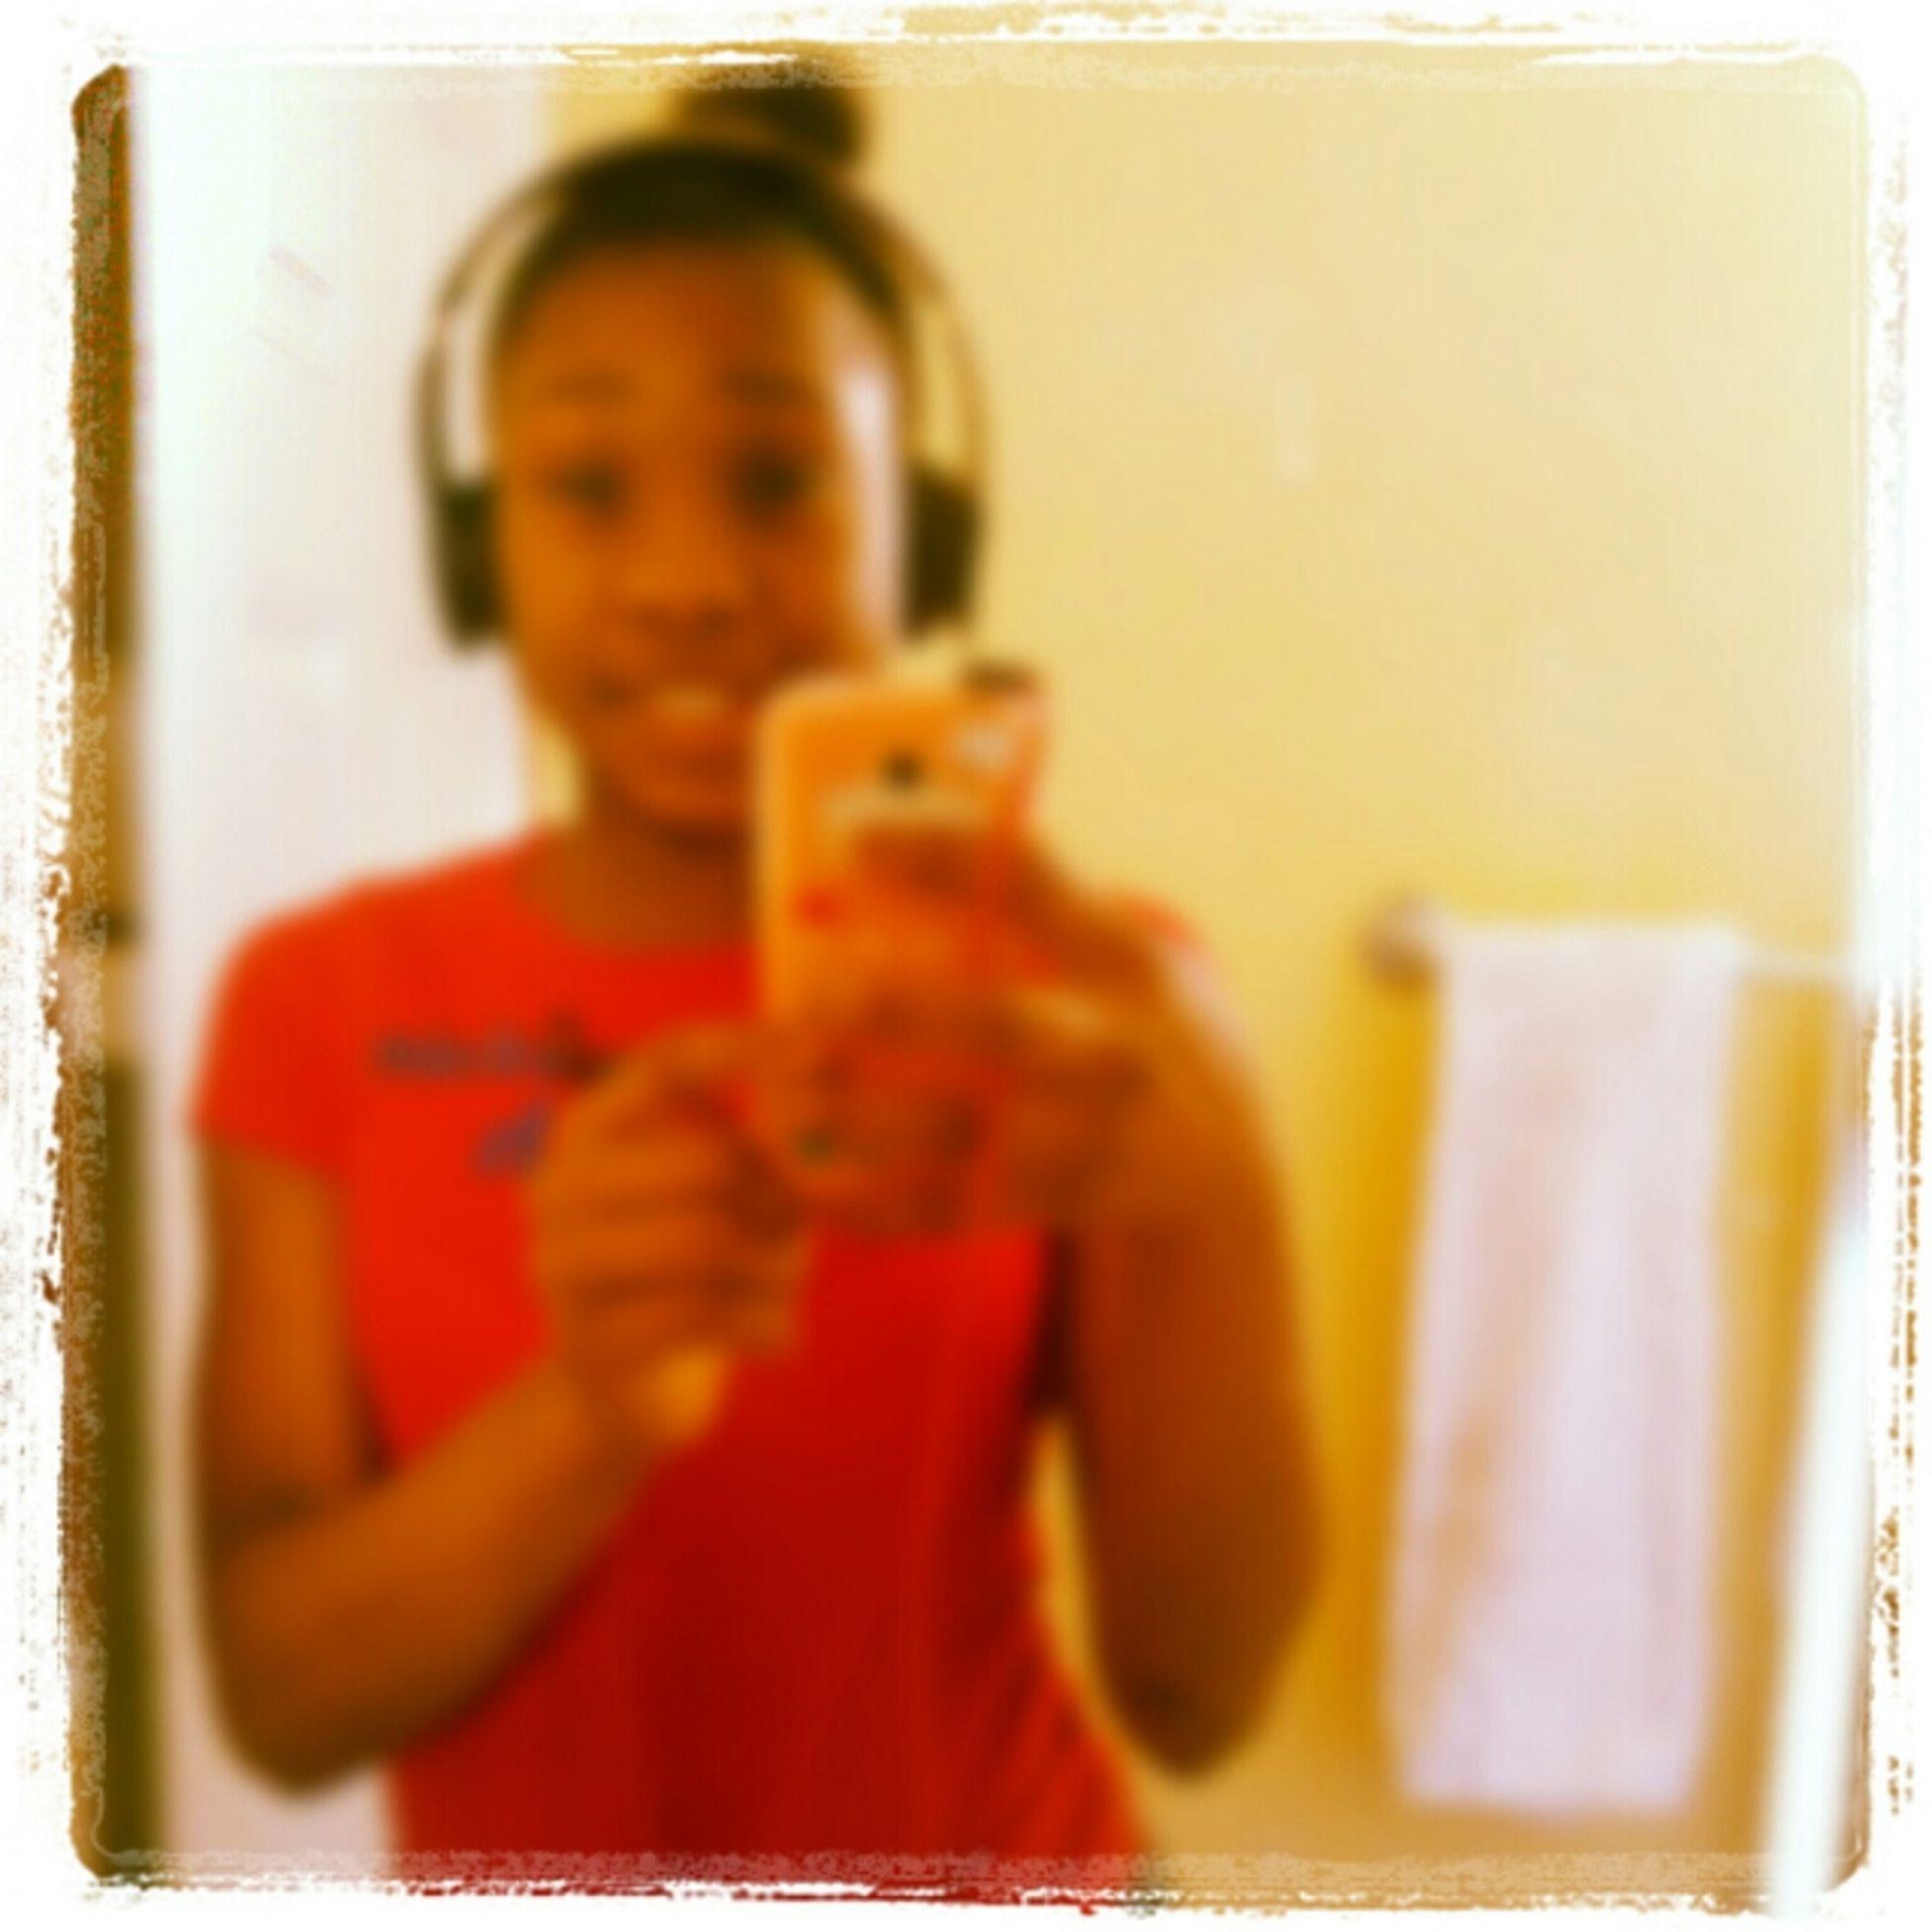 #enjoying Myself